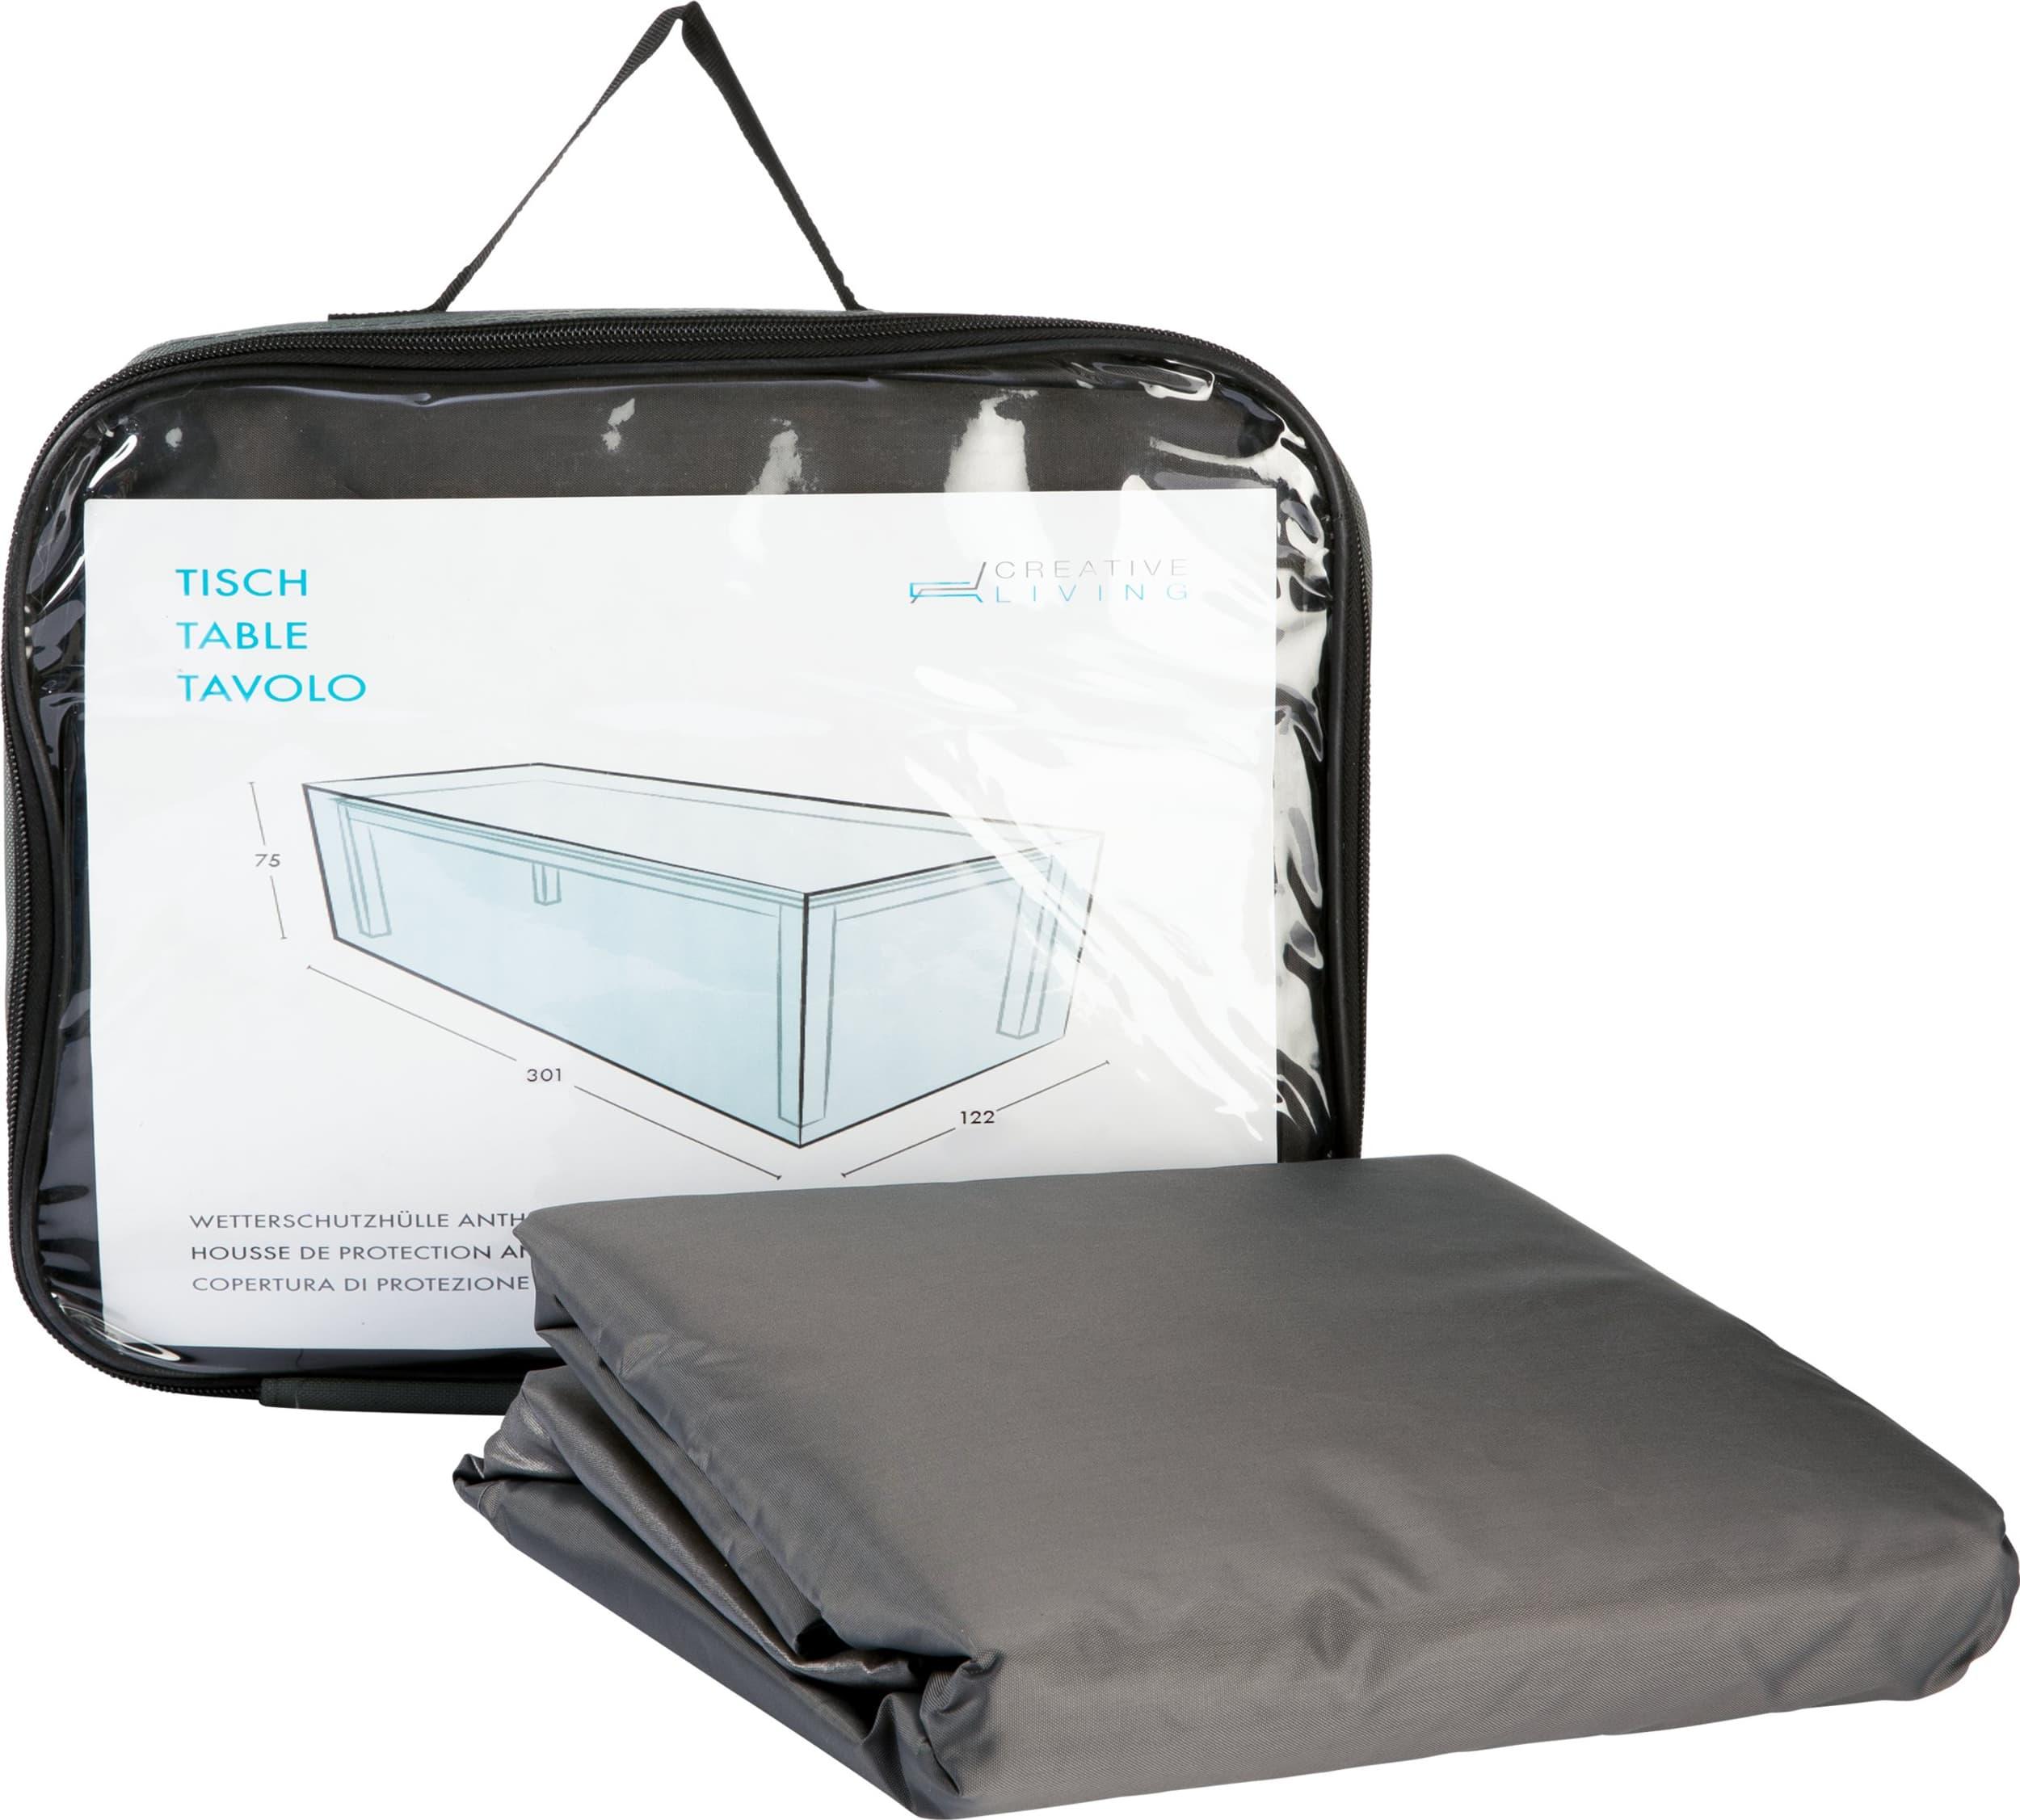 Schutzhüllen Tisch bis 300cm PROTEGE, Micasa